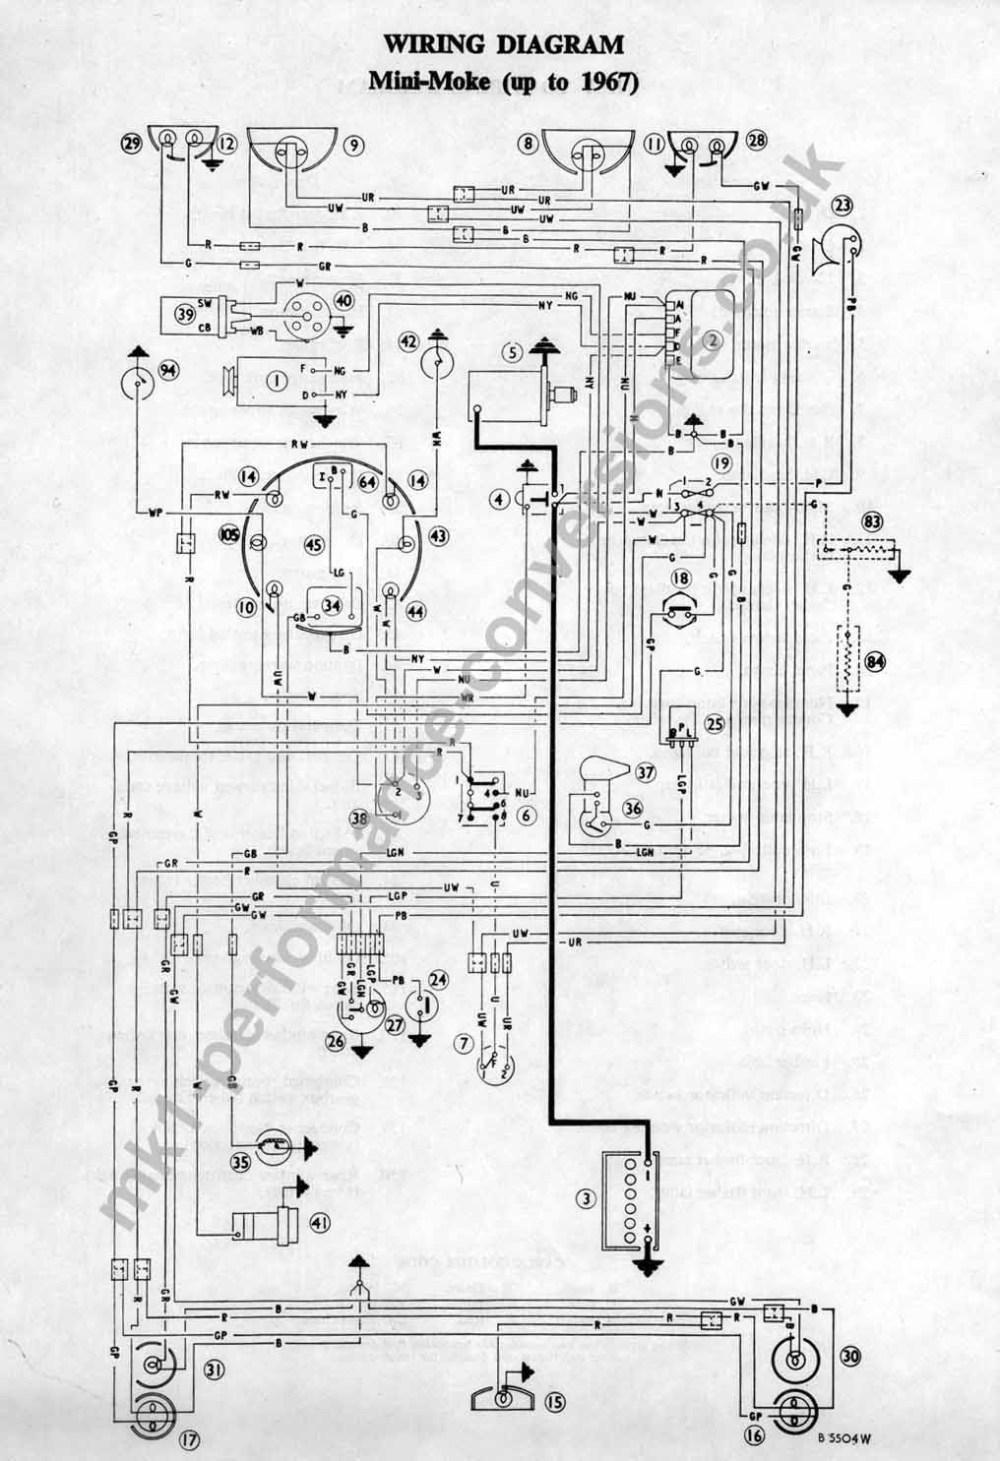 medium resolution of 2004 mini cooper s engine diagram 2002 mini cooper s wiring diagram austin mini 1000 wiring